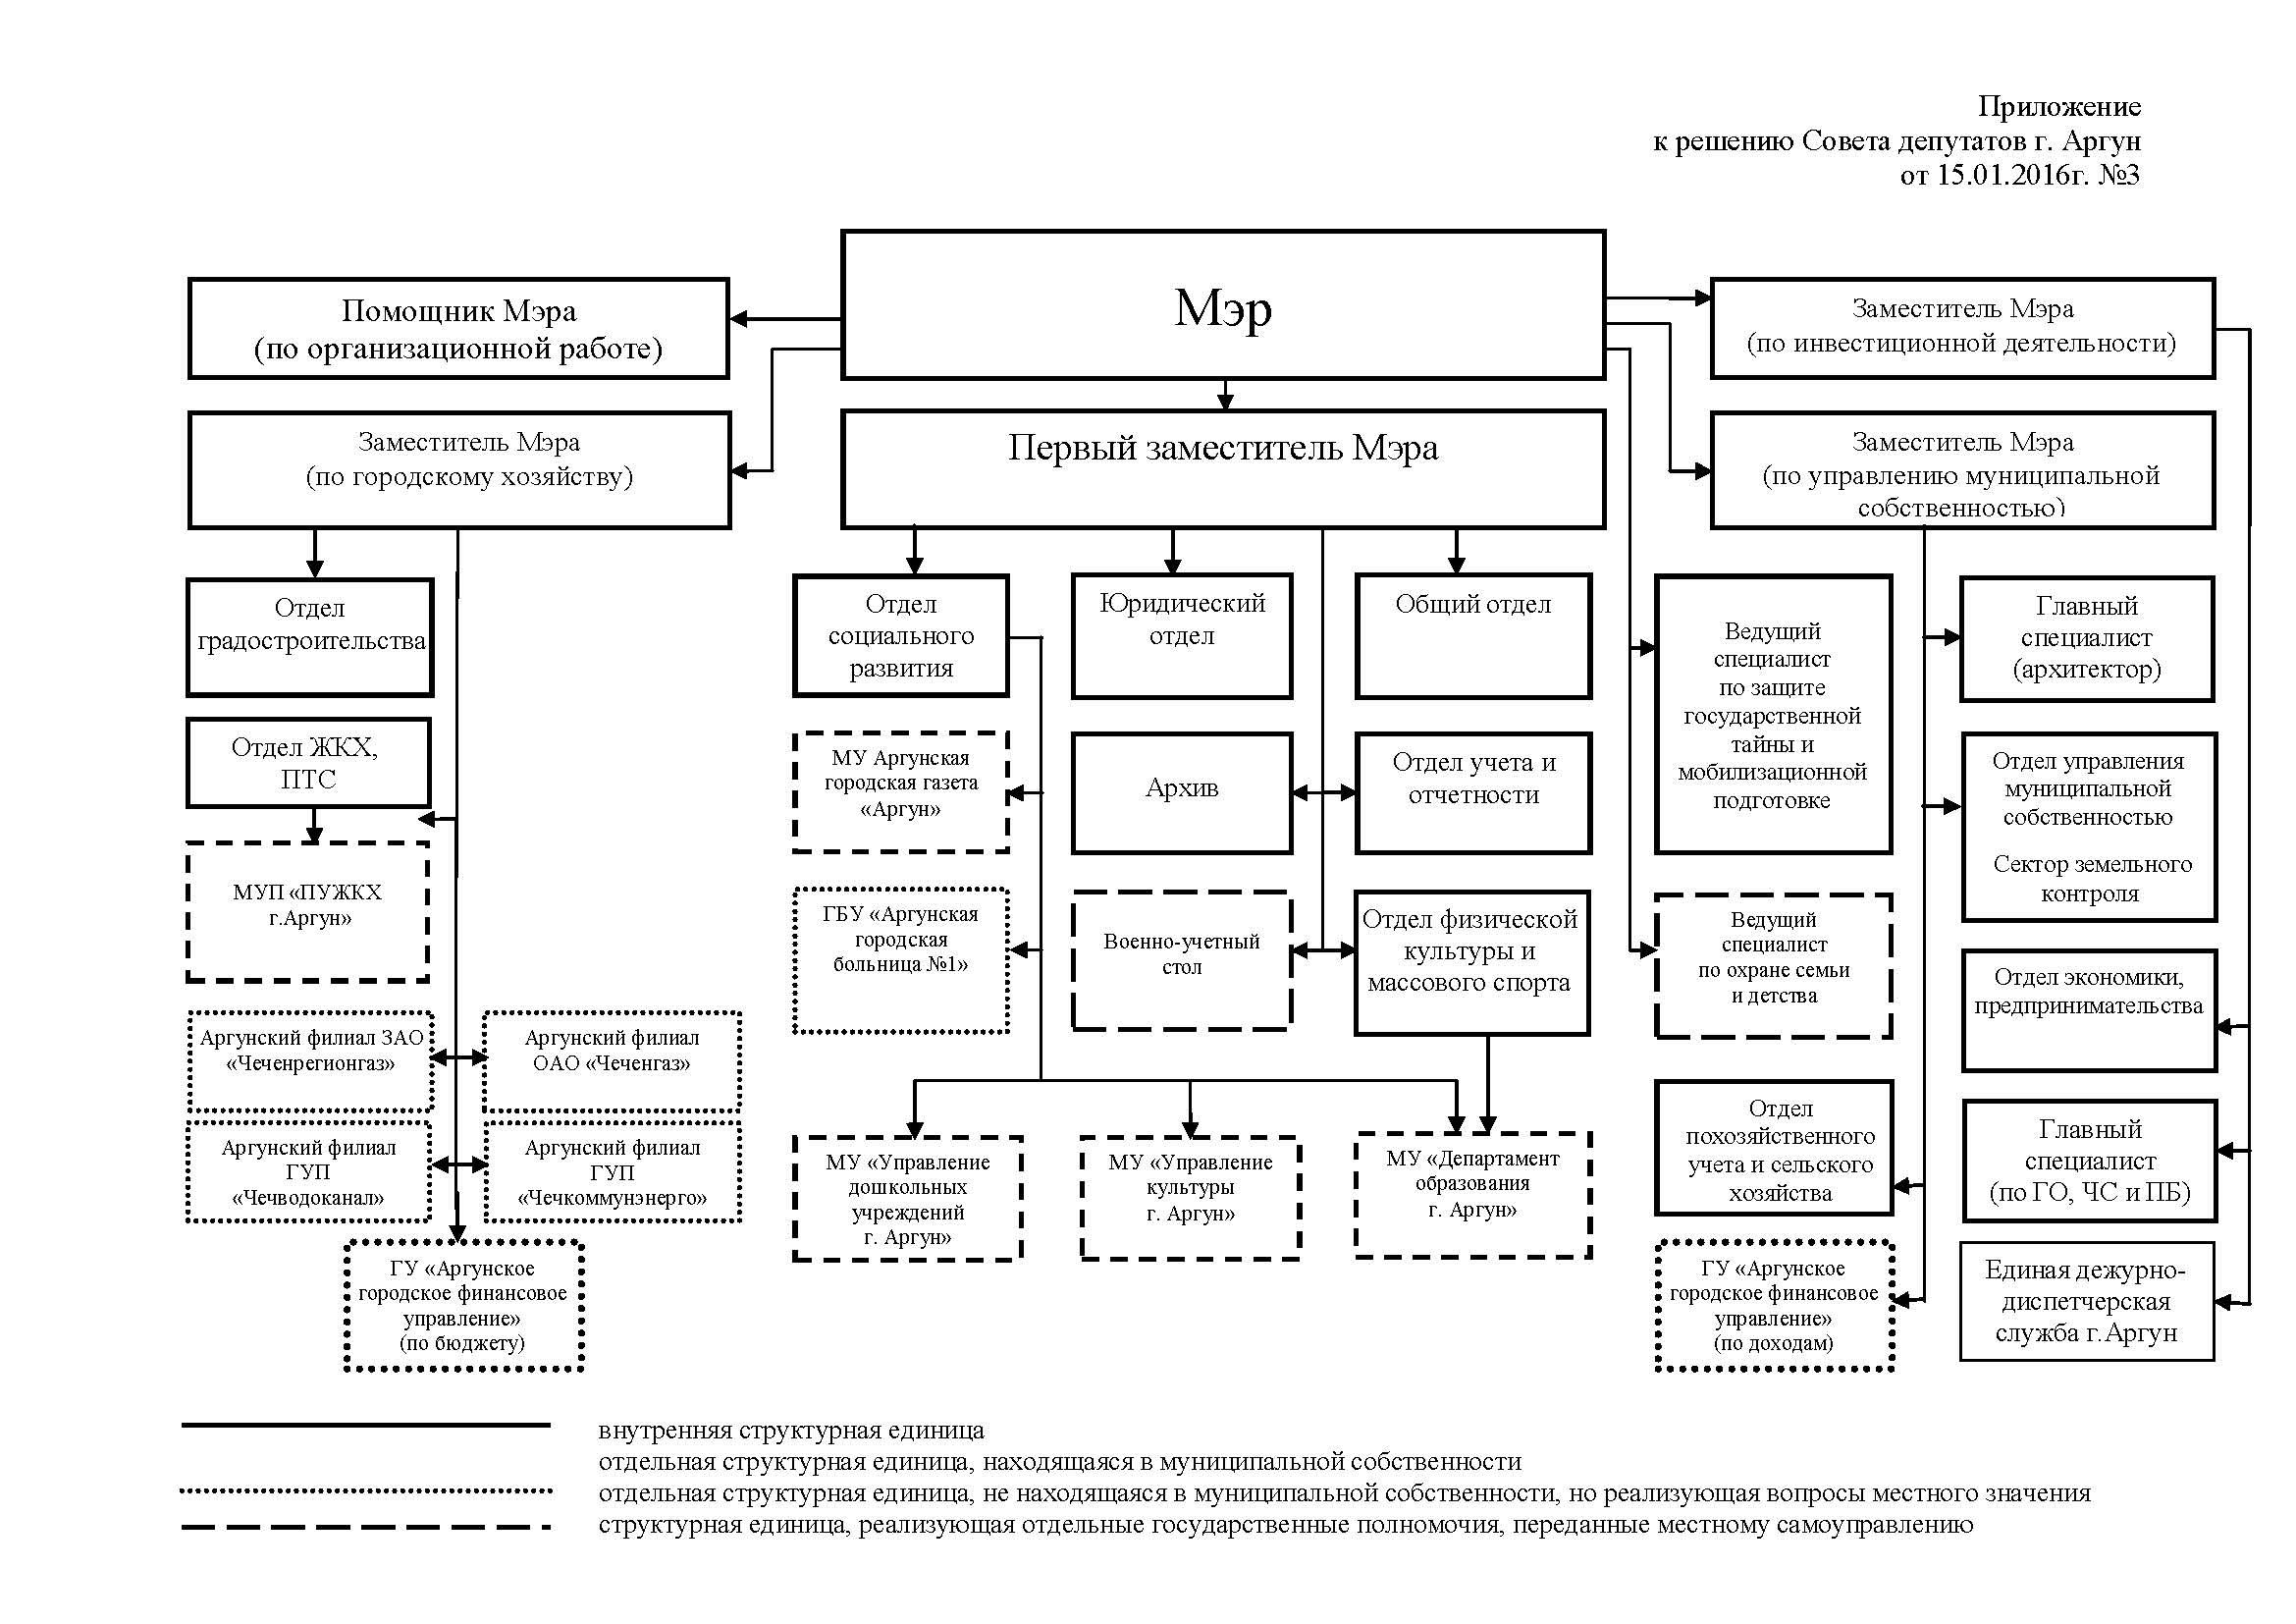 решение 3 утвержд. структуры мэрии